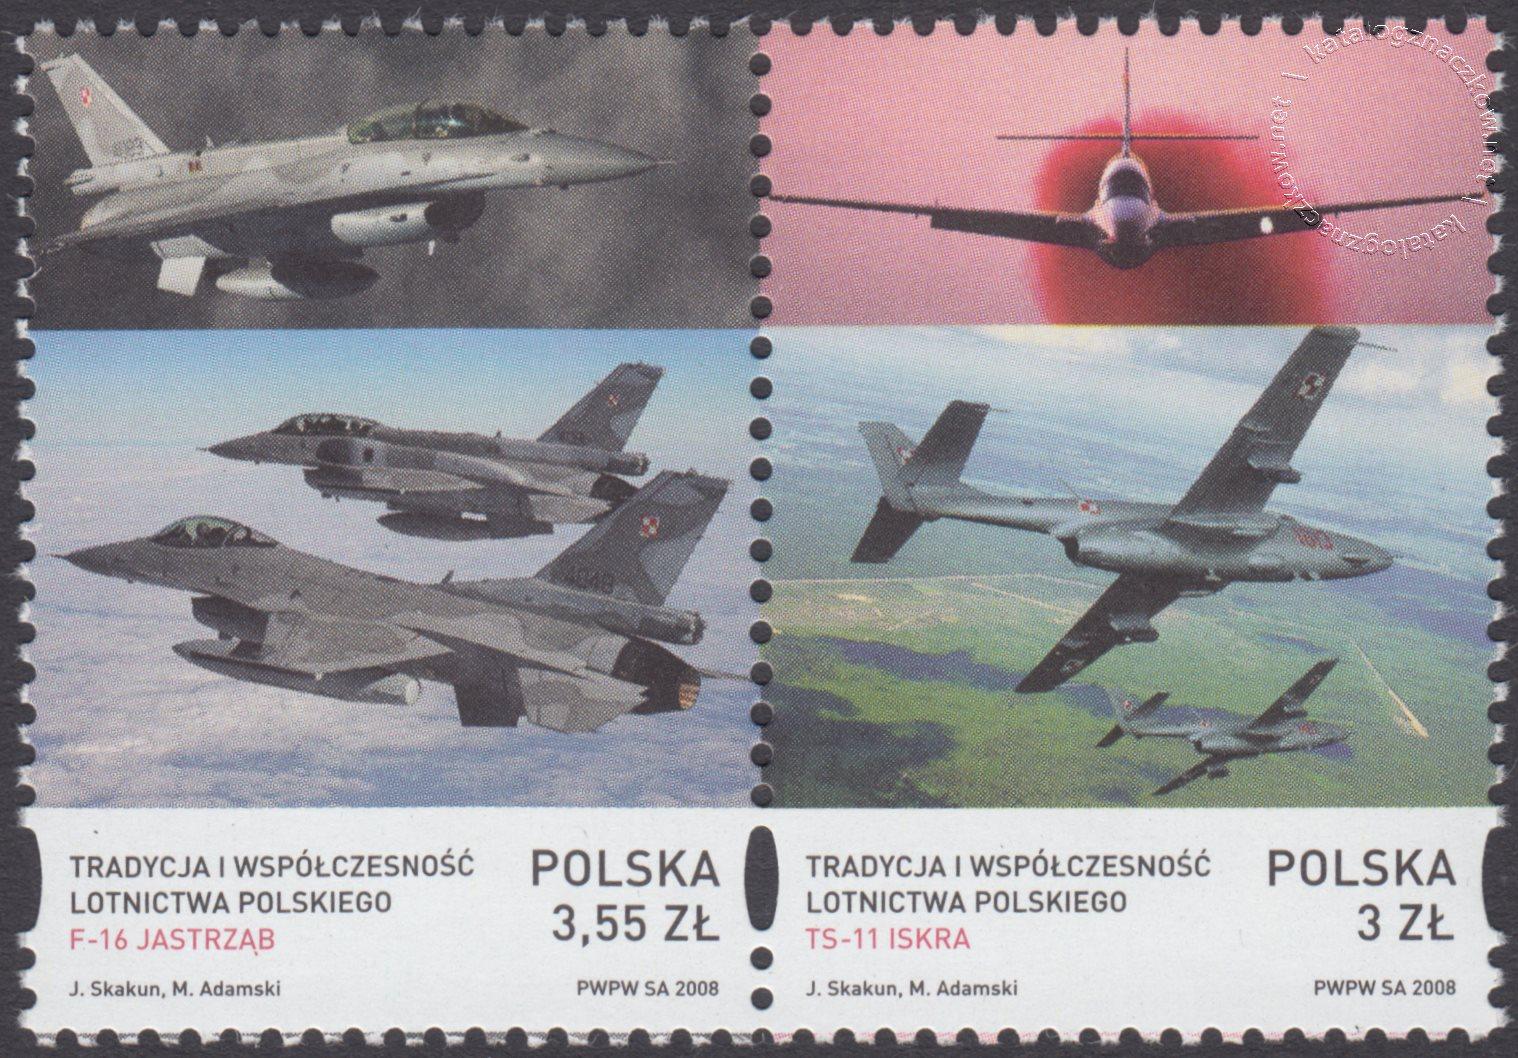 Tradycja i współczesność lotnictwa polskiego znaczki nr 4203-4204